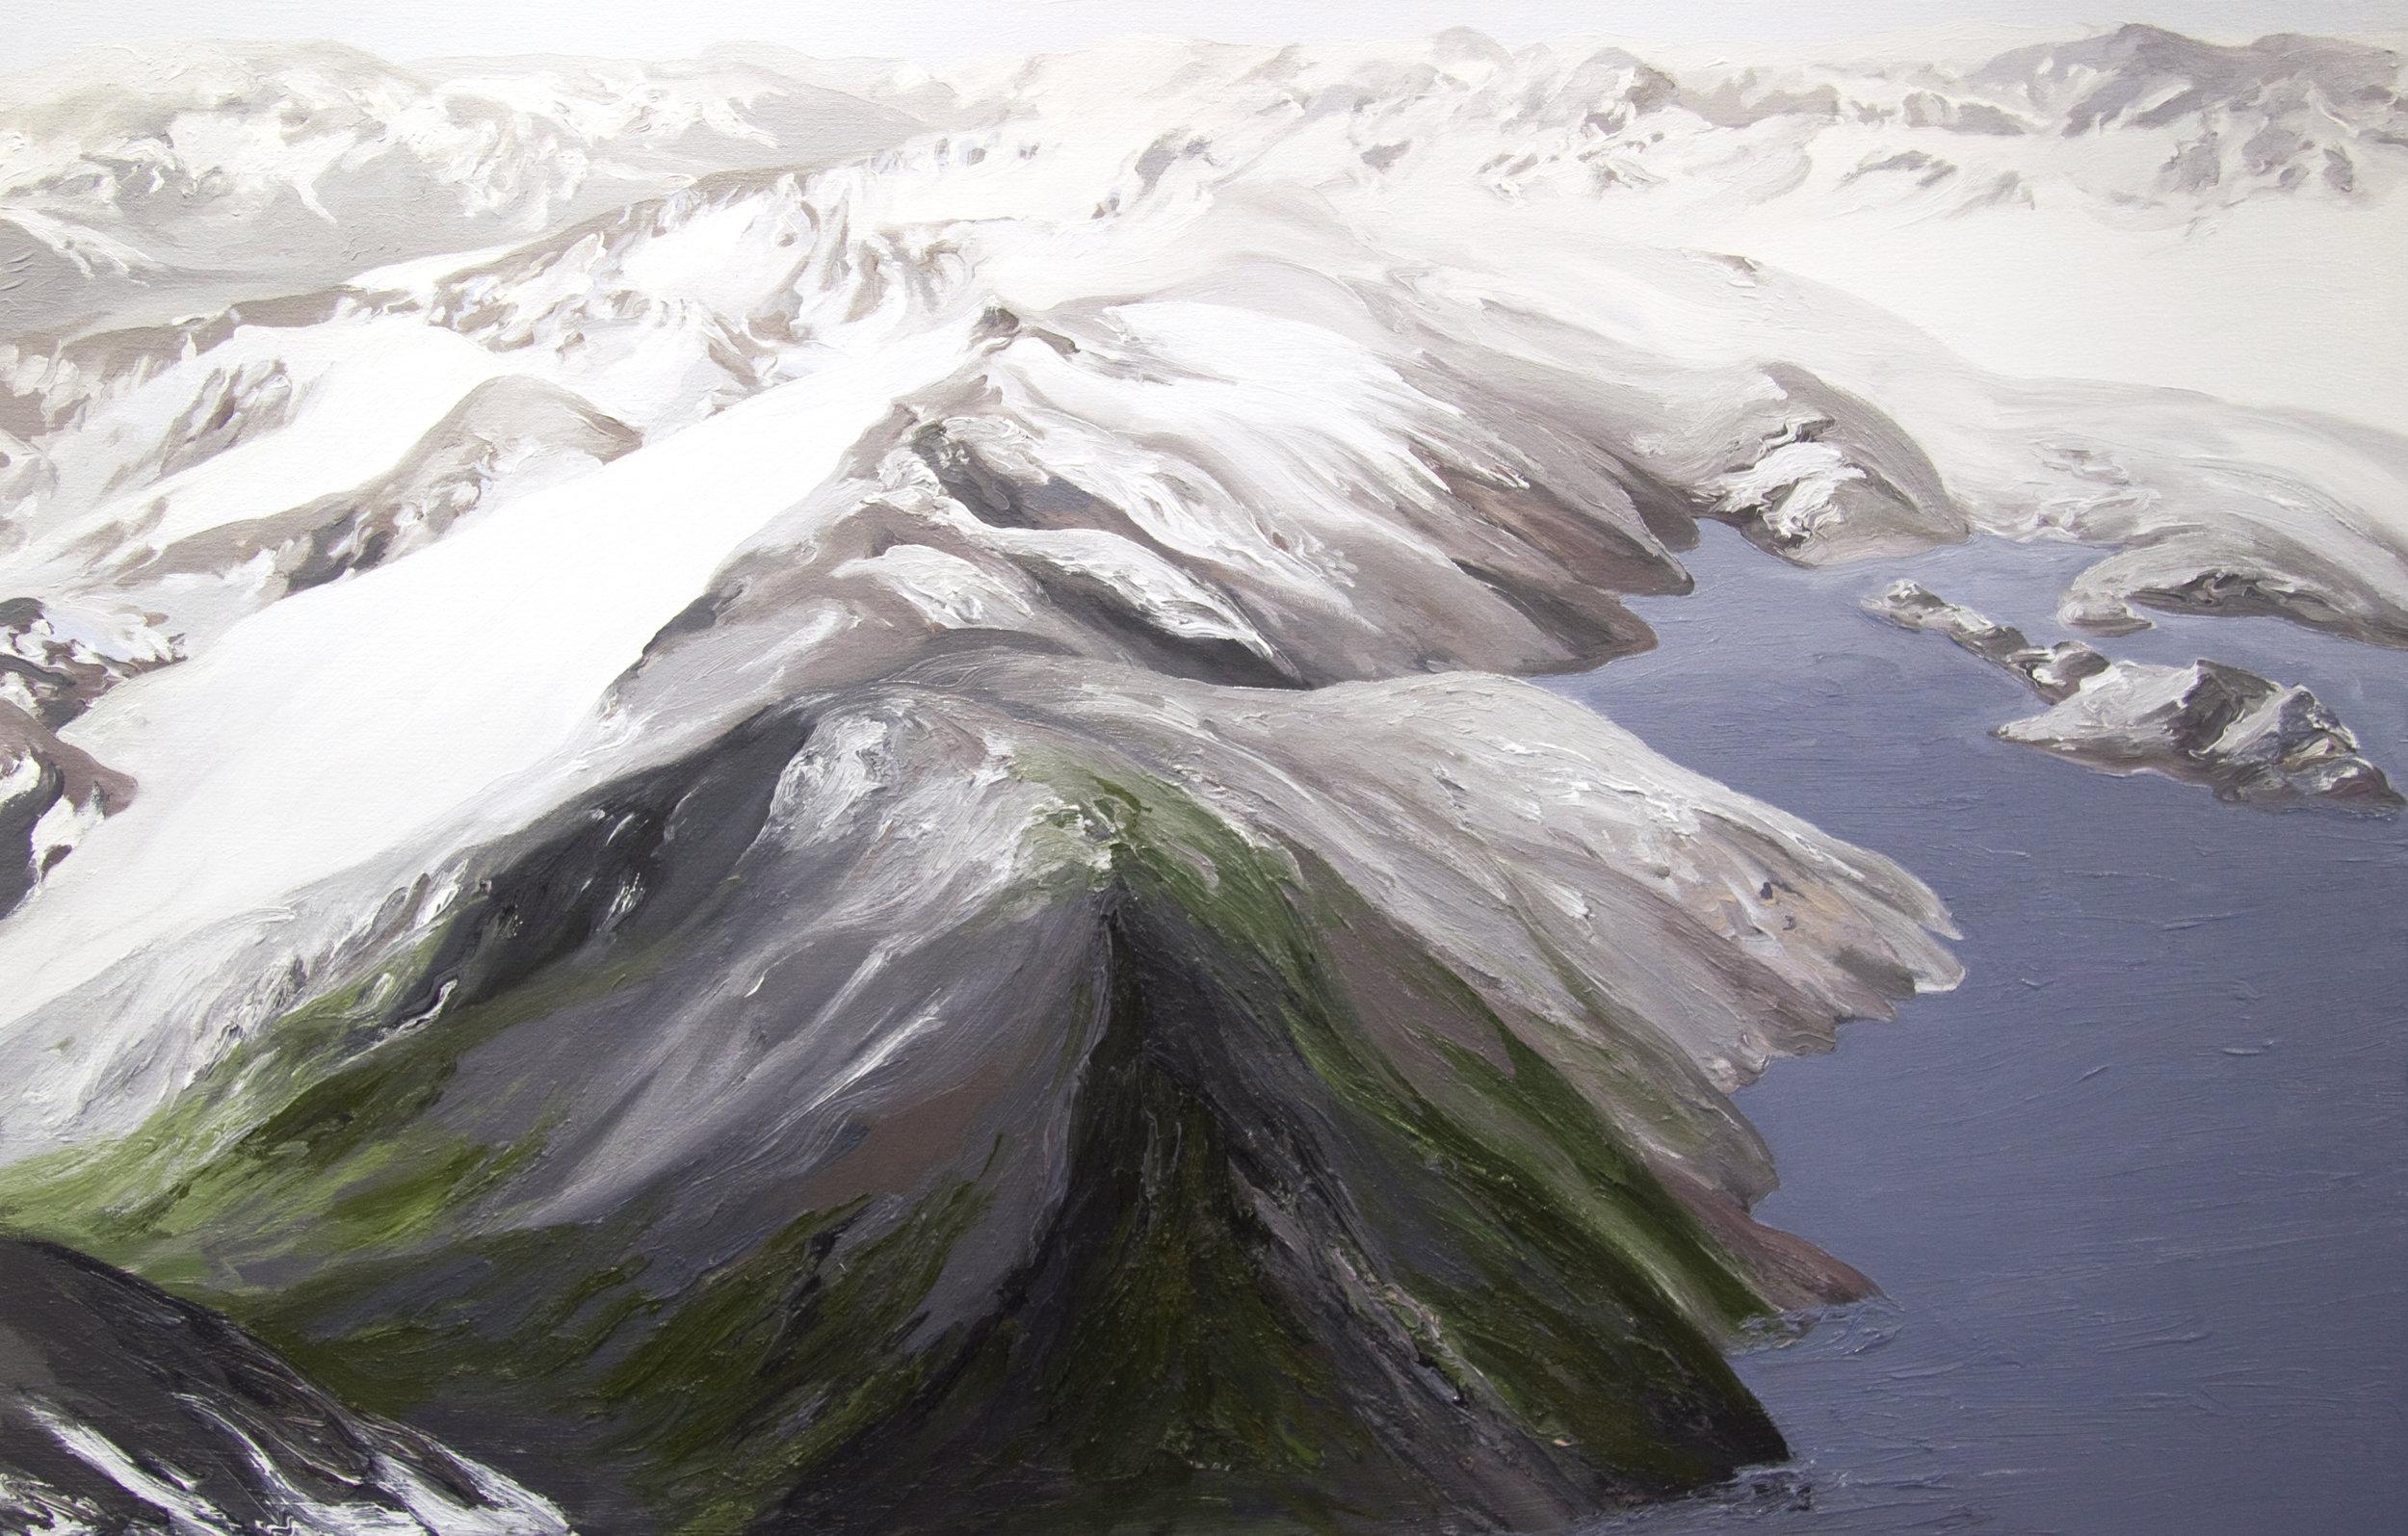 Tebenkof Glacier #2, 2004, after David Arnold